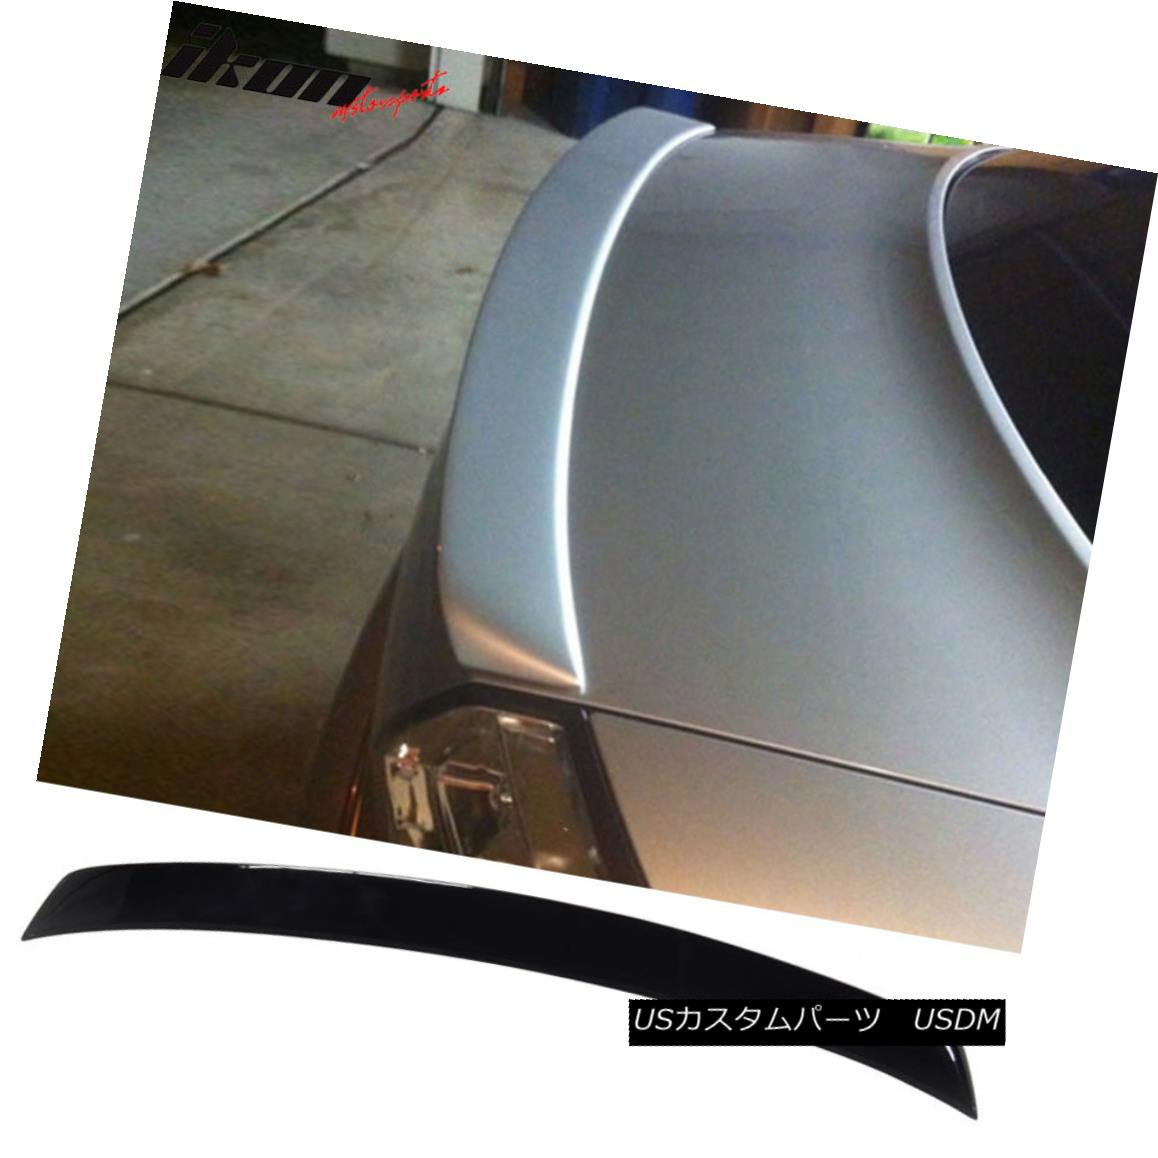 エアロパーツ Fits 02-05 Audi A4 B6 Sedan A Type Trunk Spoiler Painted #LY9B Brilliant Black フィット02-05アウディA4 B6セダンAタイプトランクスポイラー#LY9Bブリリアントブラック